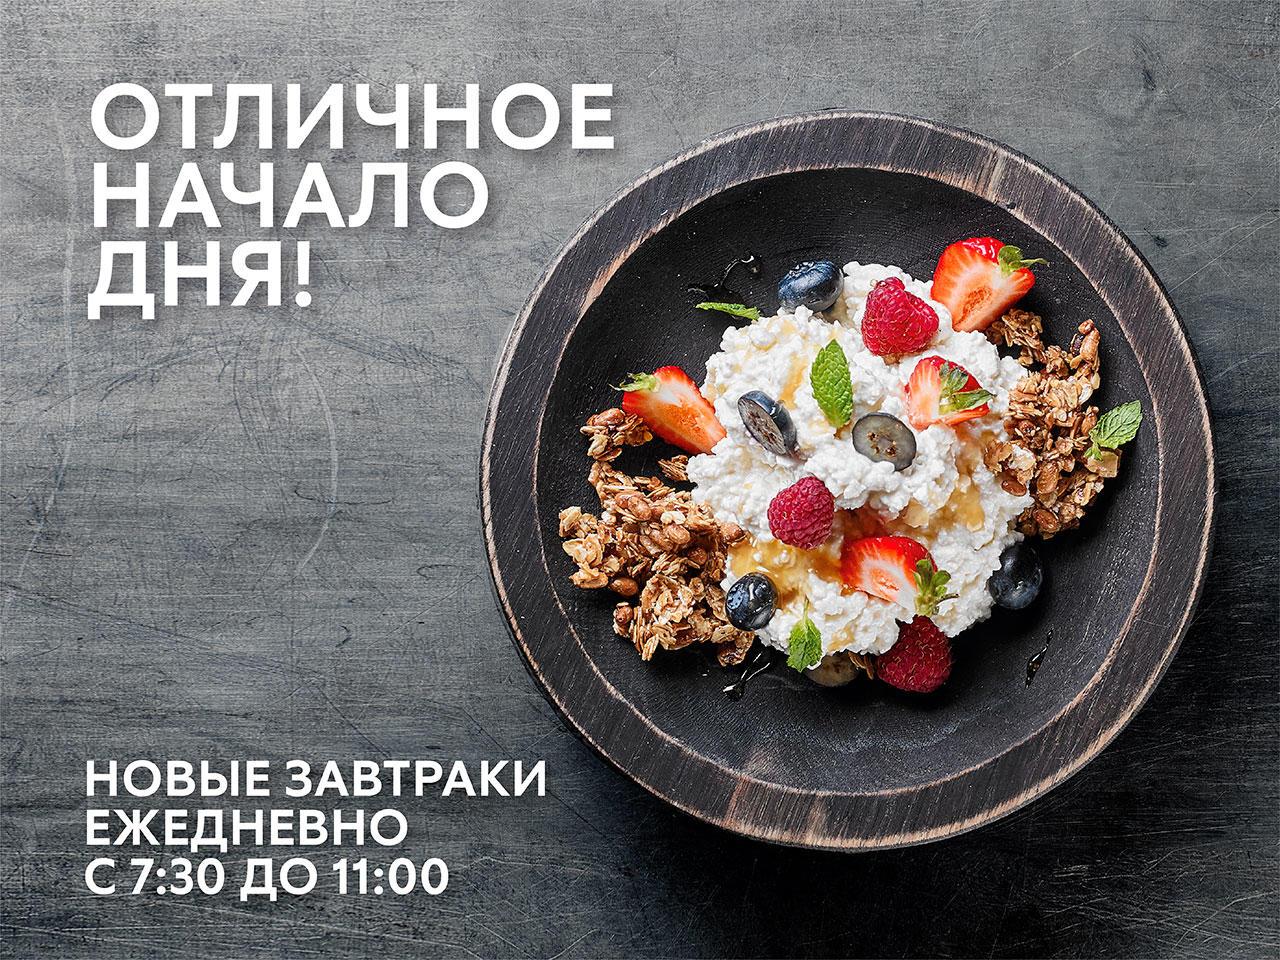 Новые завтраки в Ч1 Васильчуки